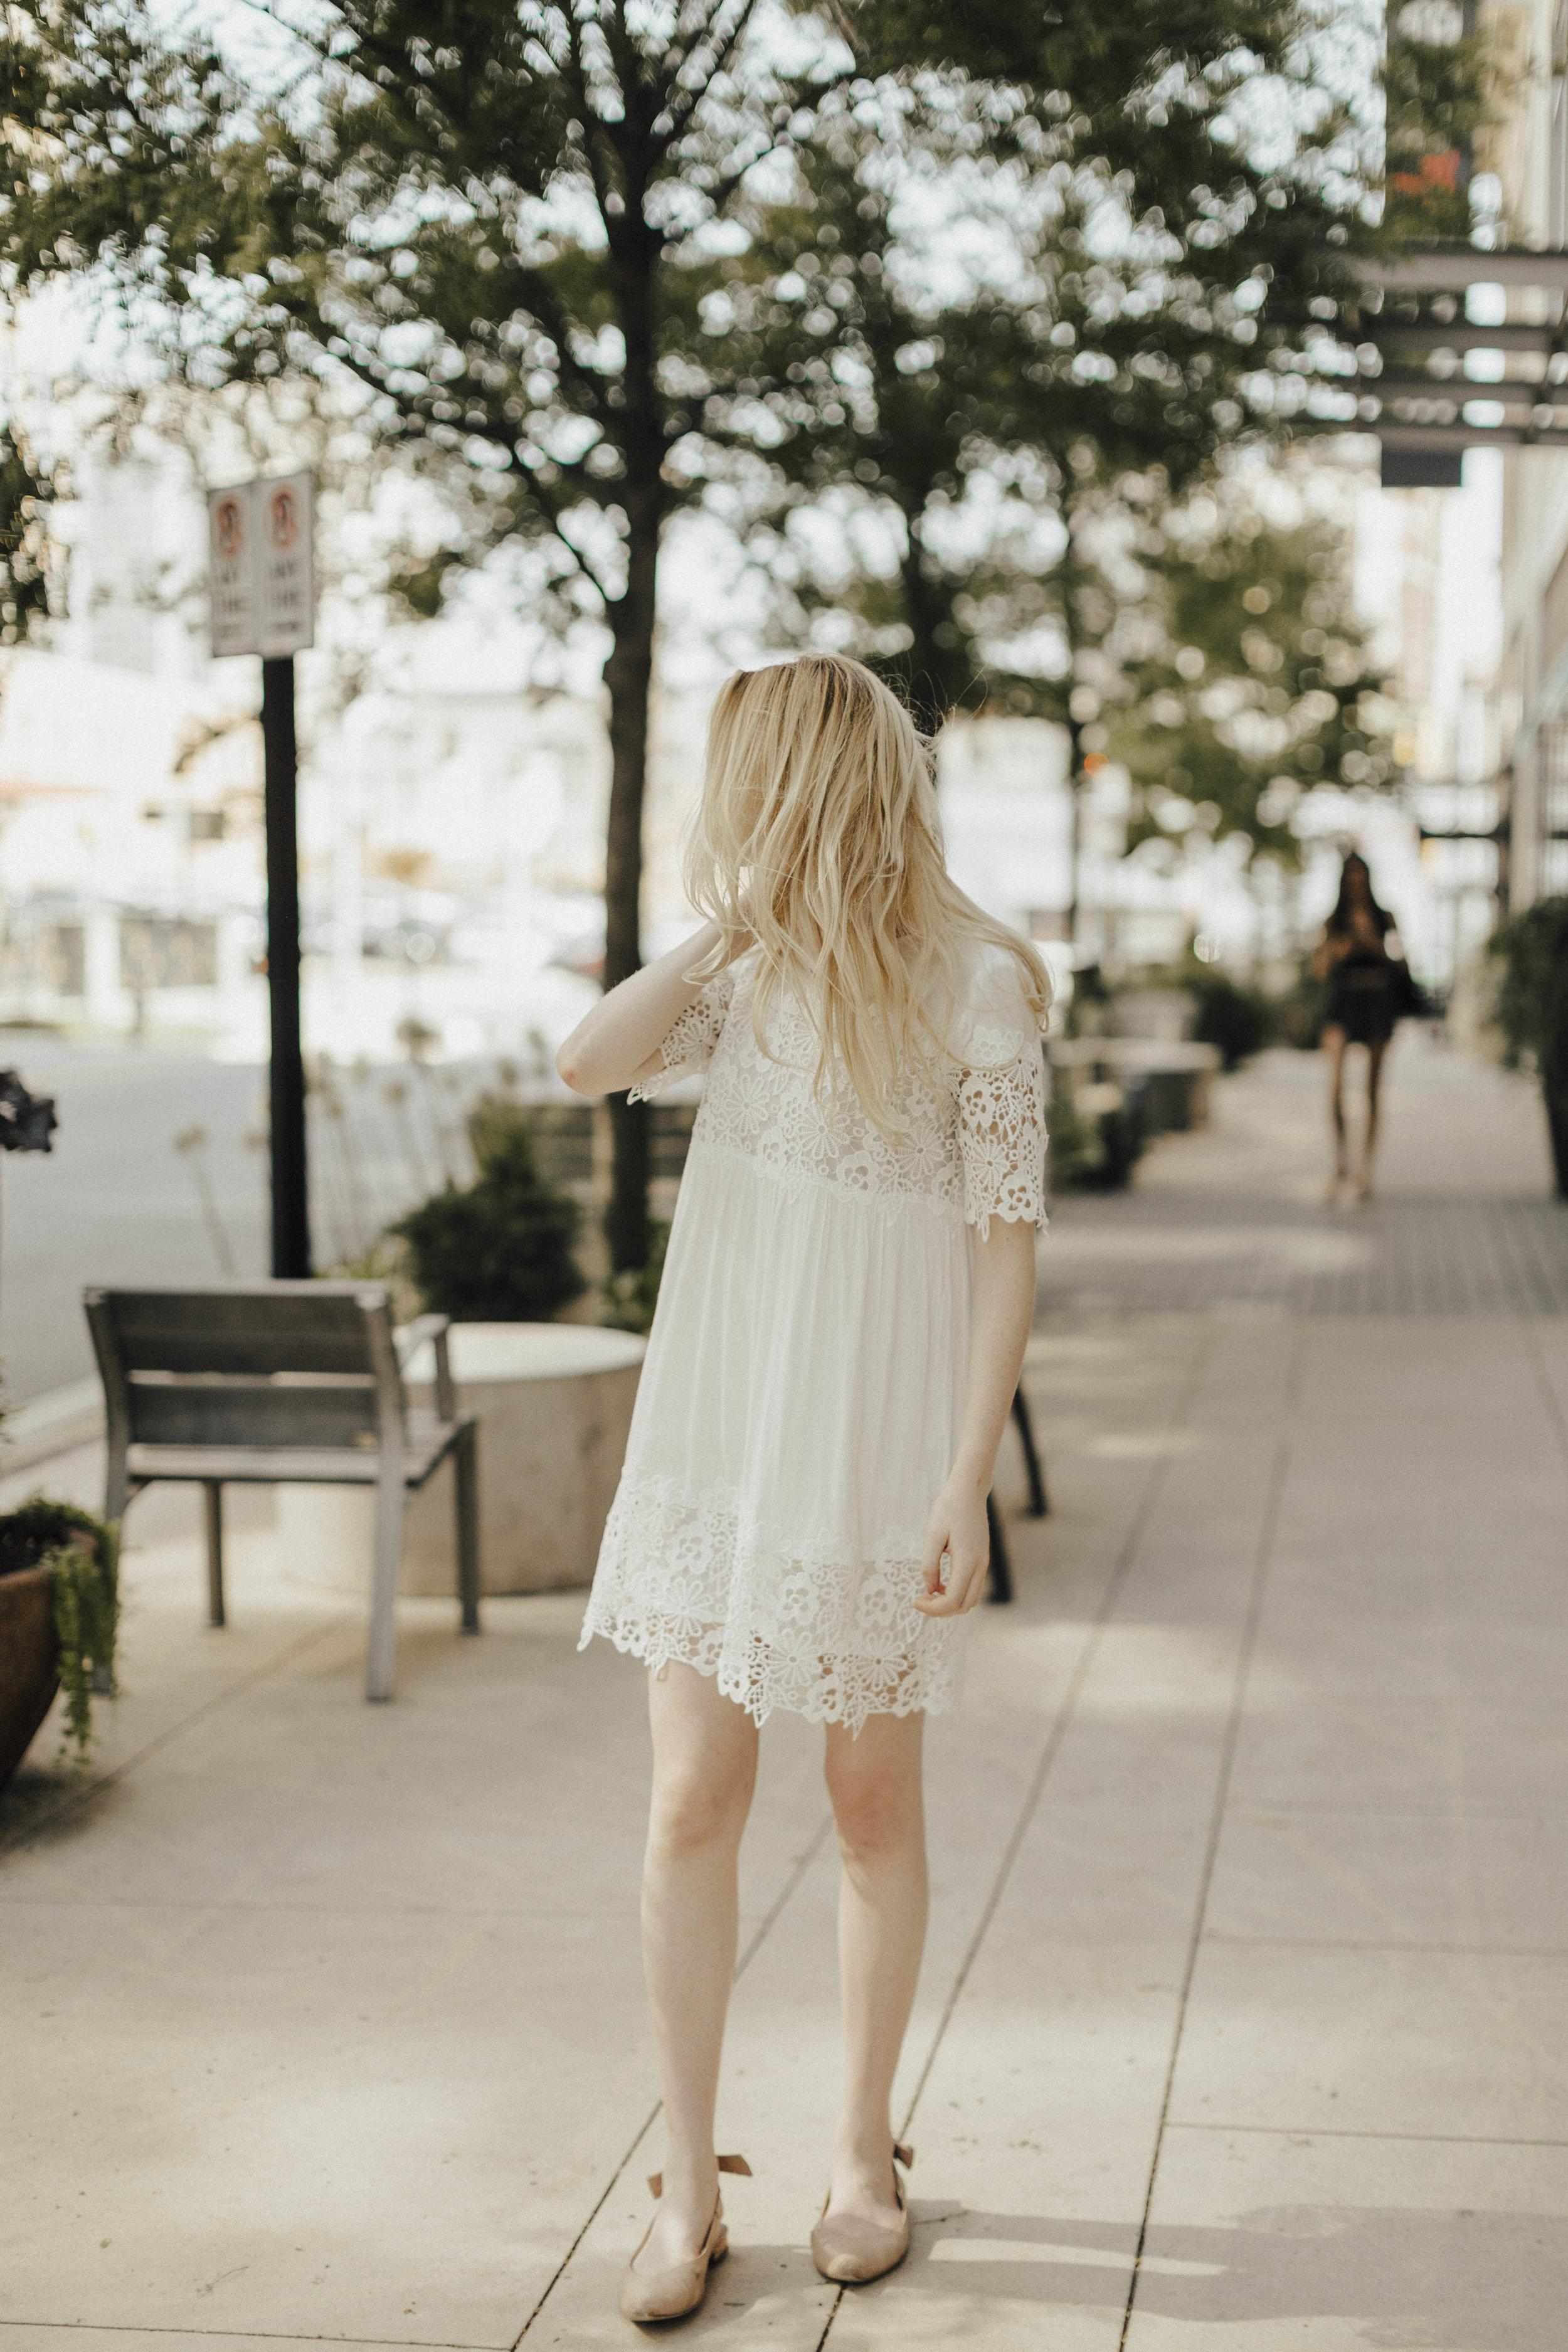 Summer Little White Dress